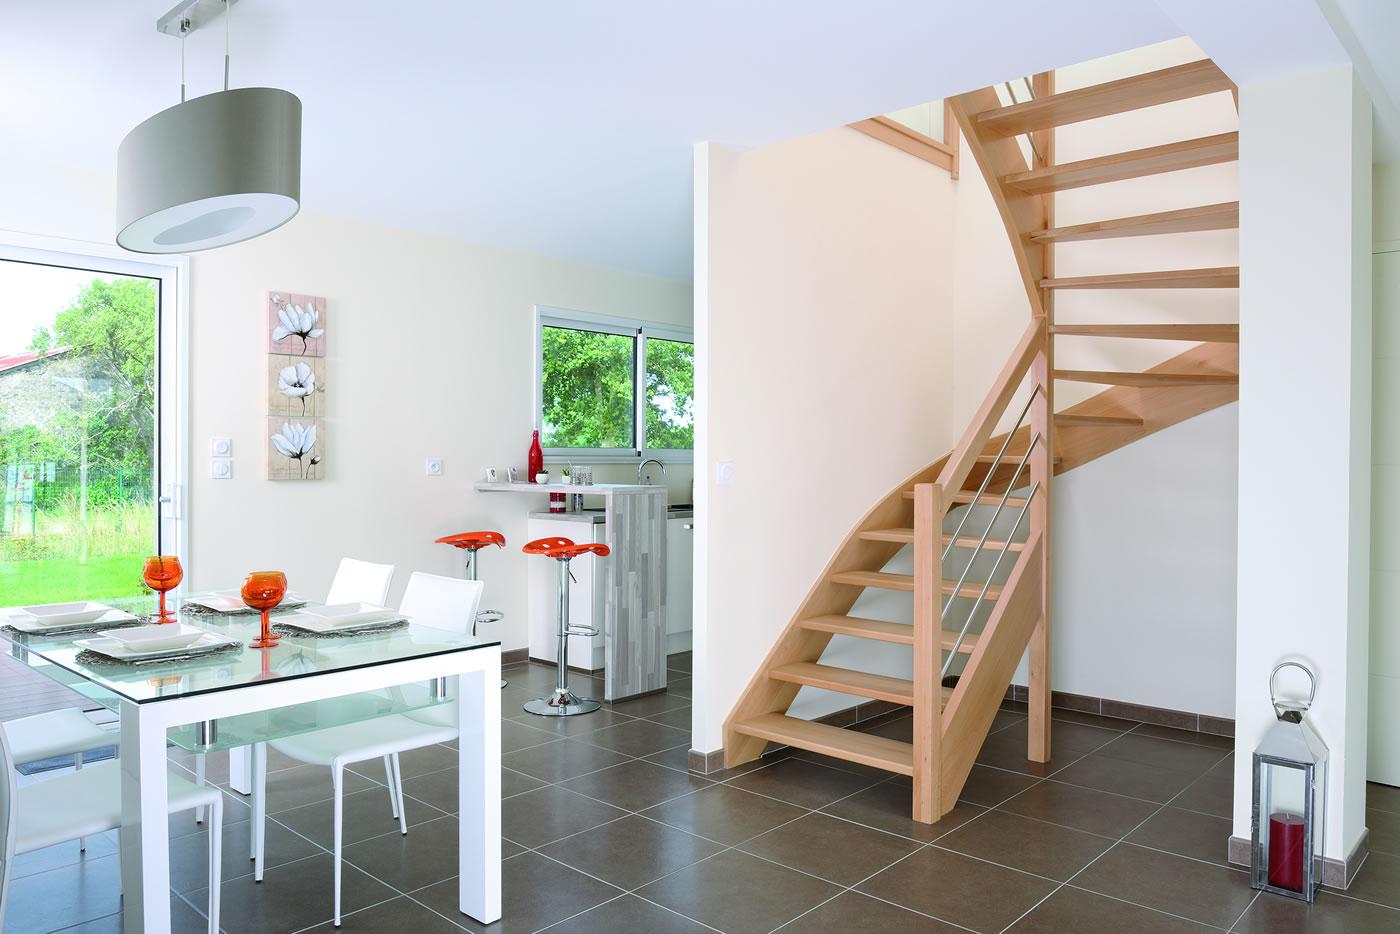 Escalier - Escalier haut de gamme ...